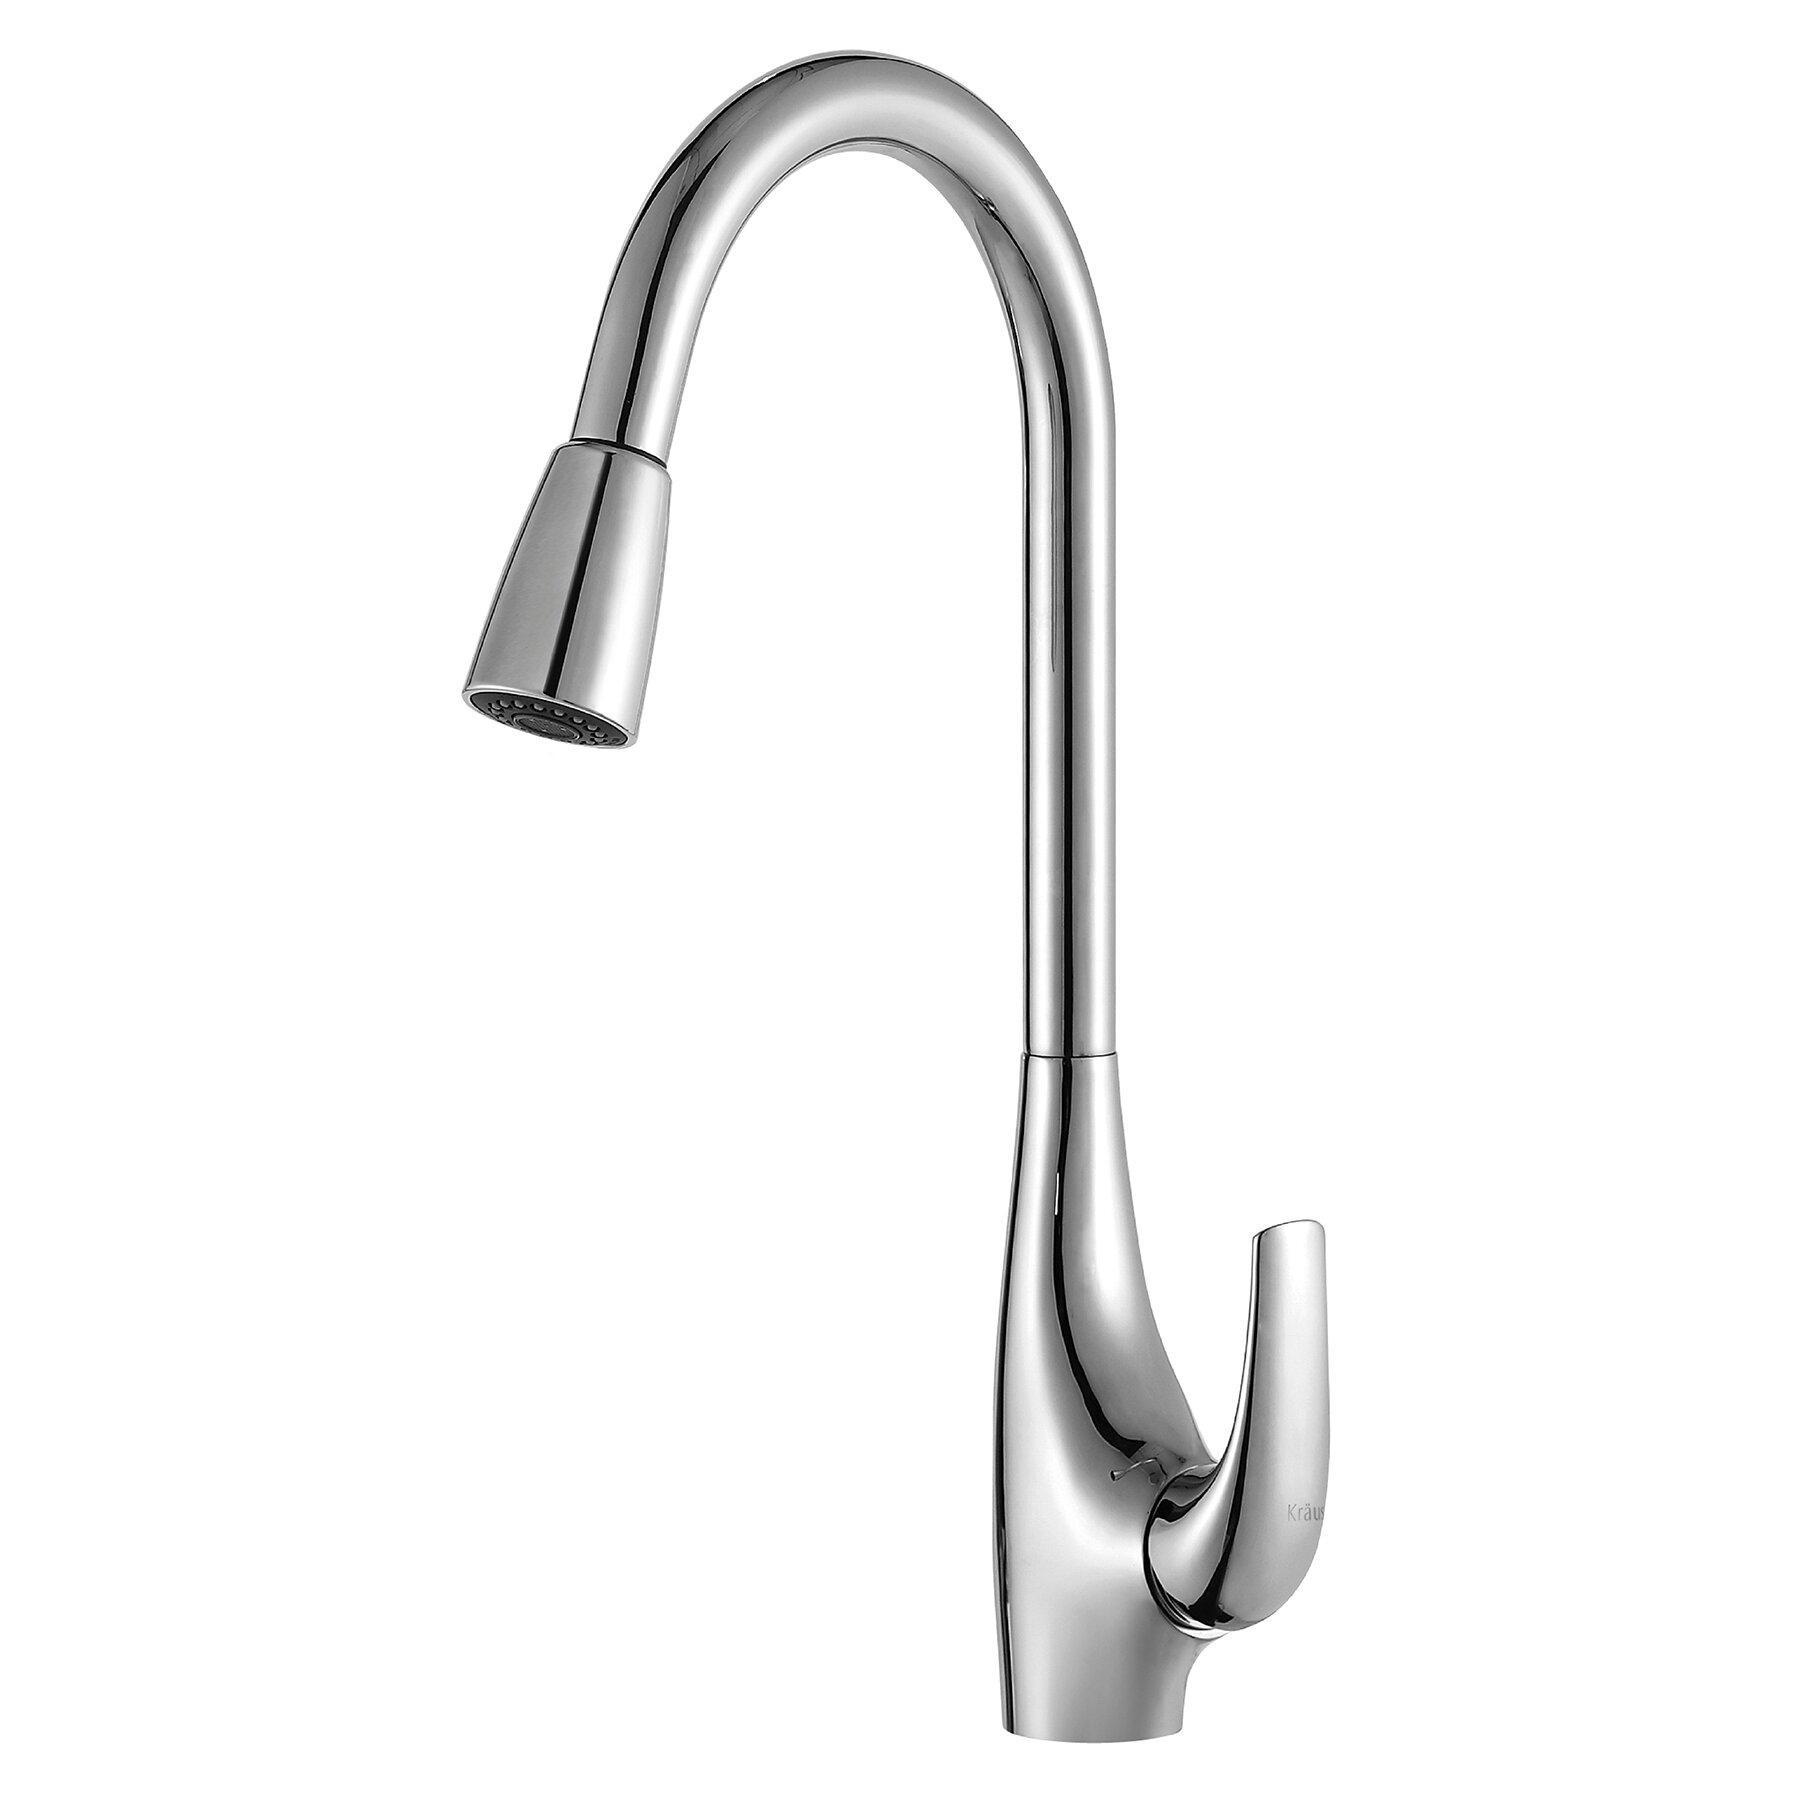 Single Lever Kitchen Faucet: Single Handle Single Hole Kitchen Faucet With Lever Handle